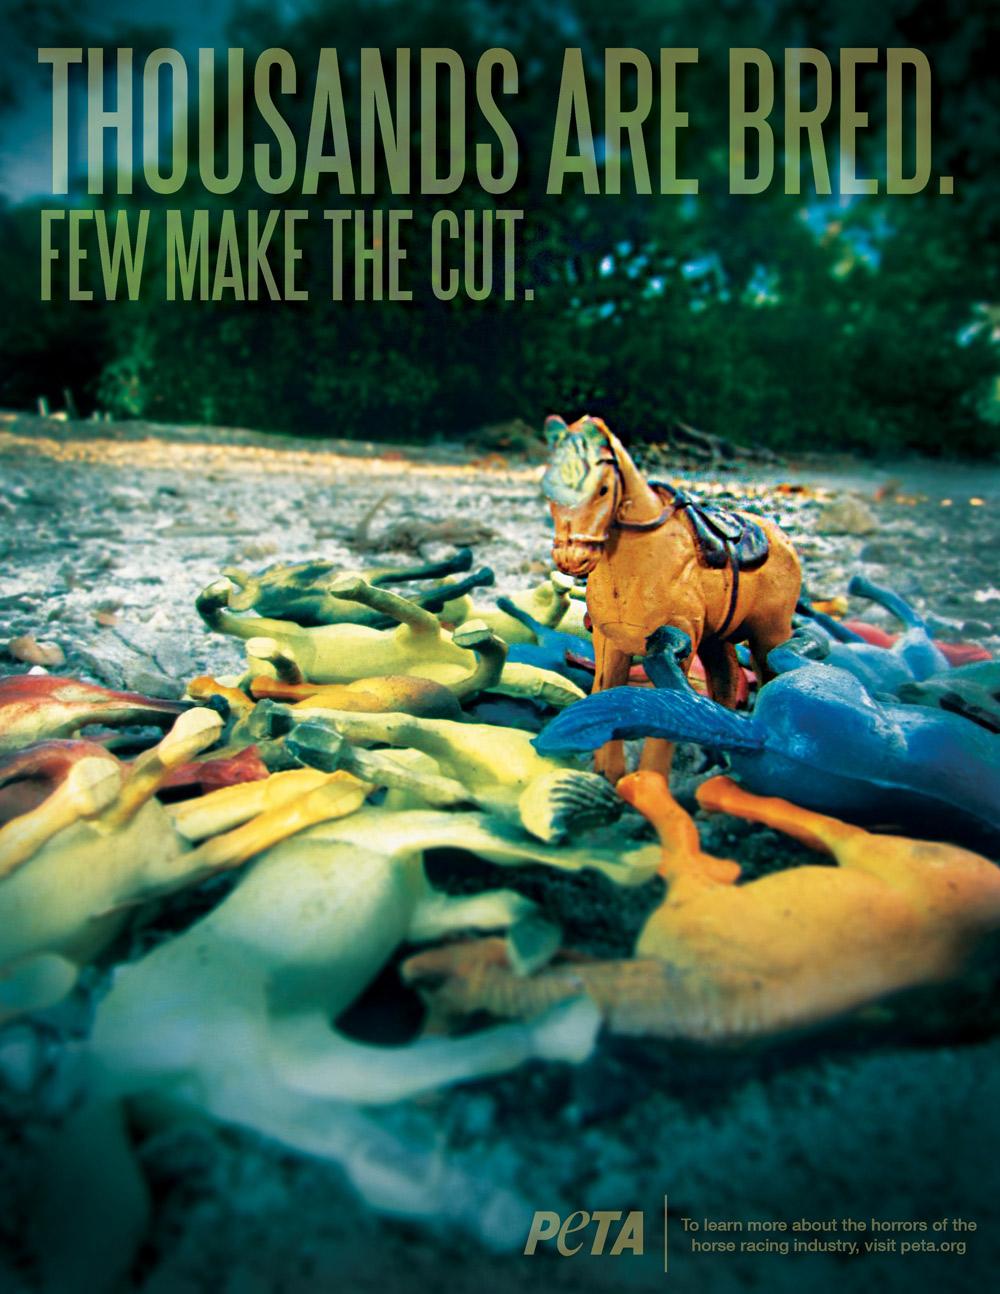 PETA_Horses_2.jpg